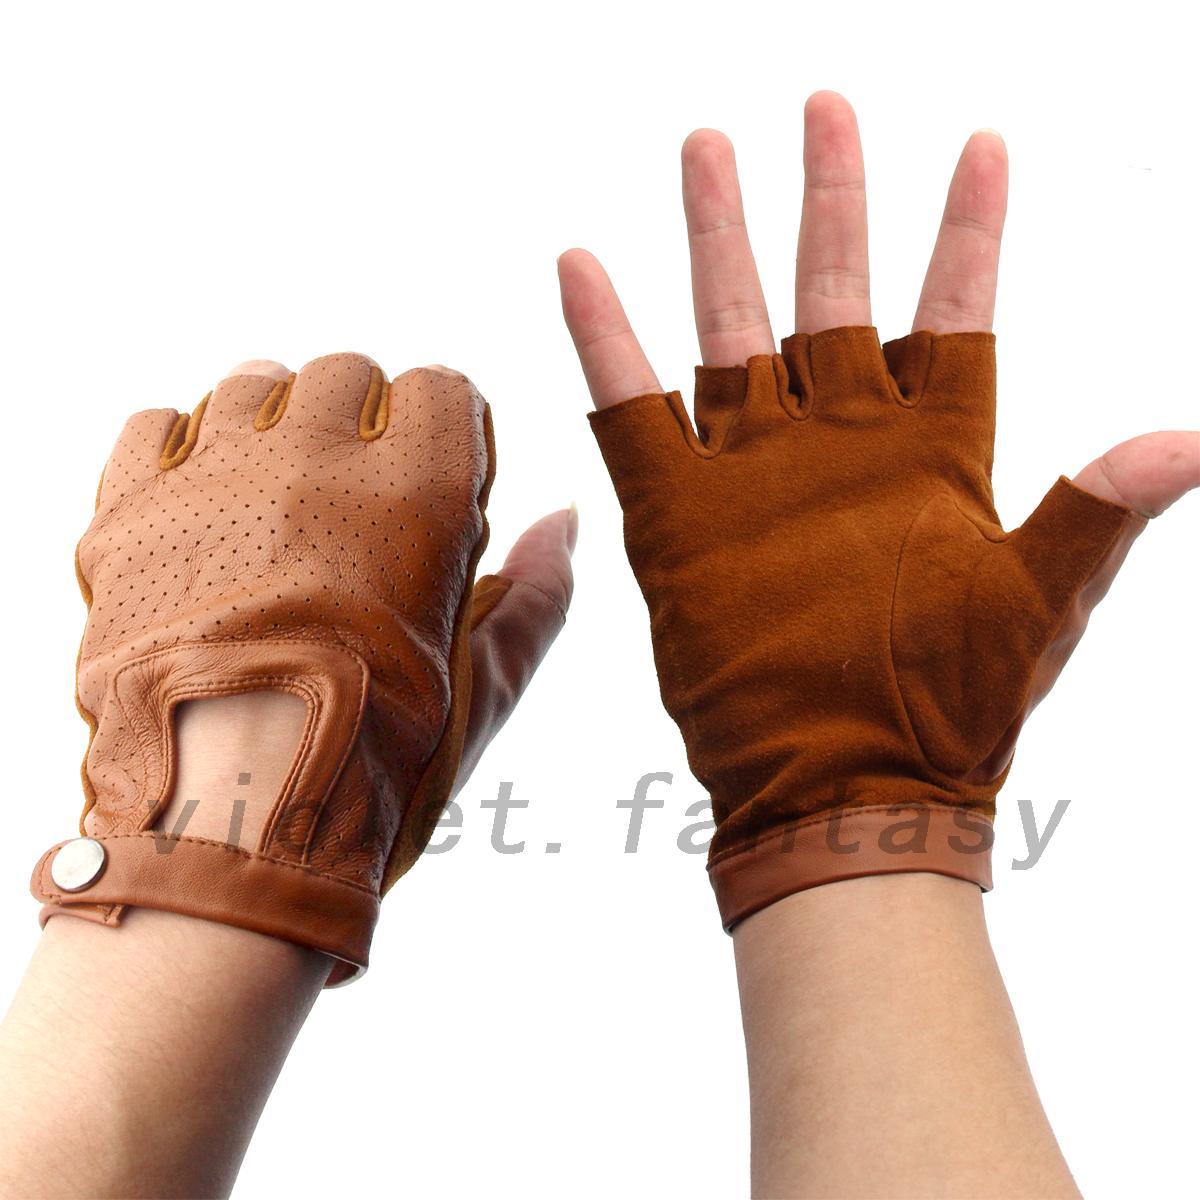 Fingerless driving gloves ebay - Genuine Leather Sheepskin Fingerless Driving Gloves Motorcycle Bicycle